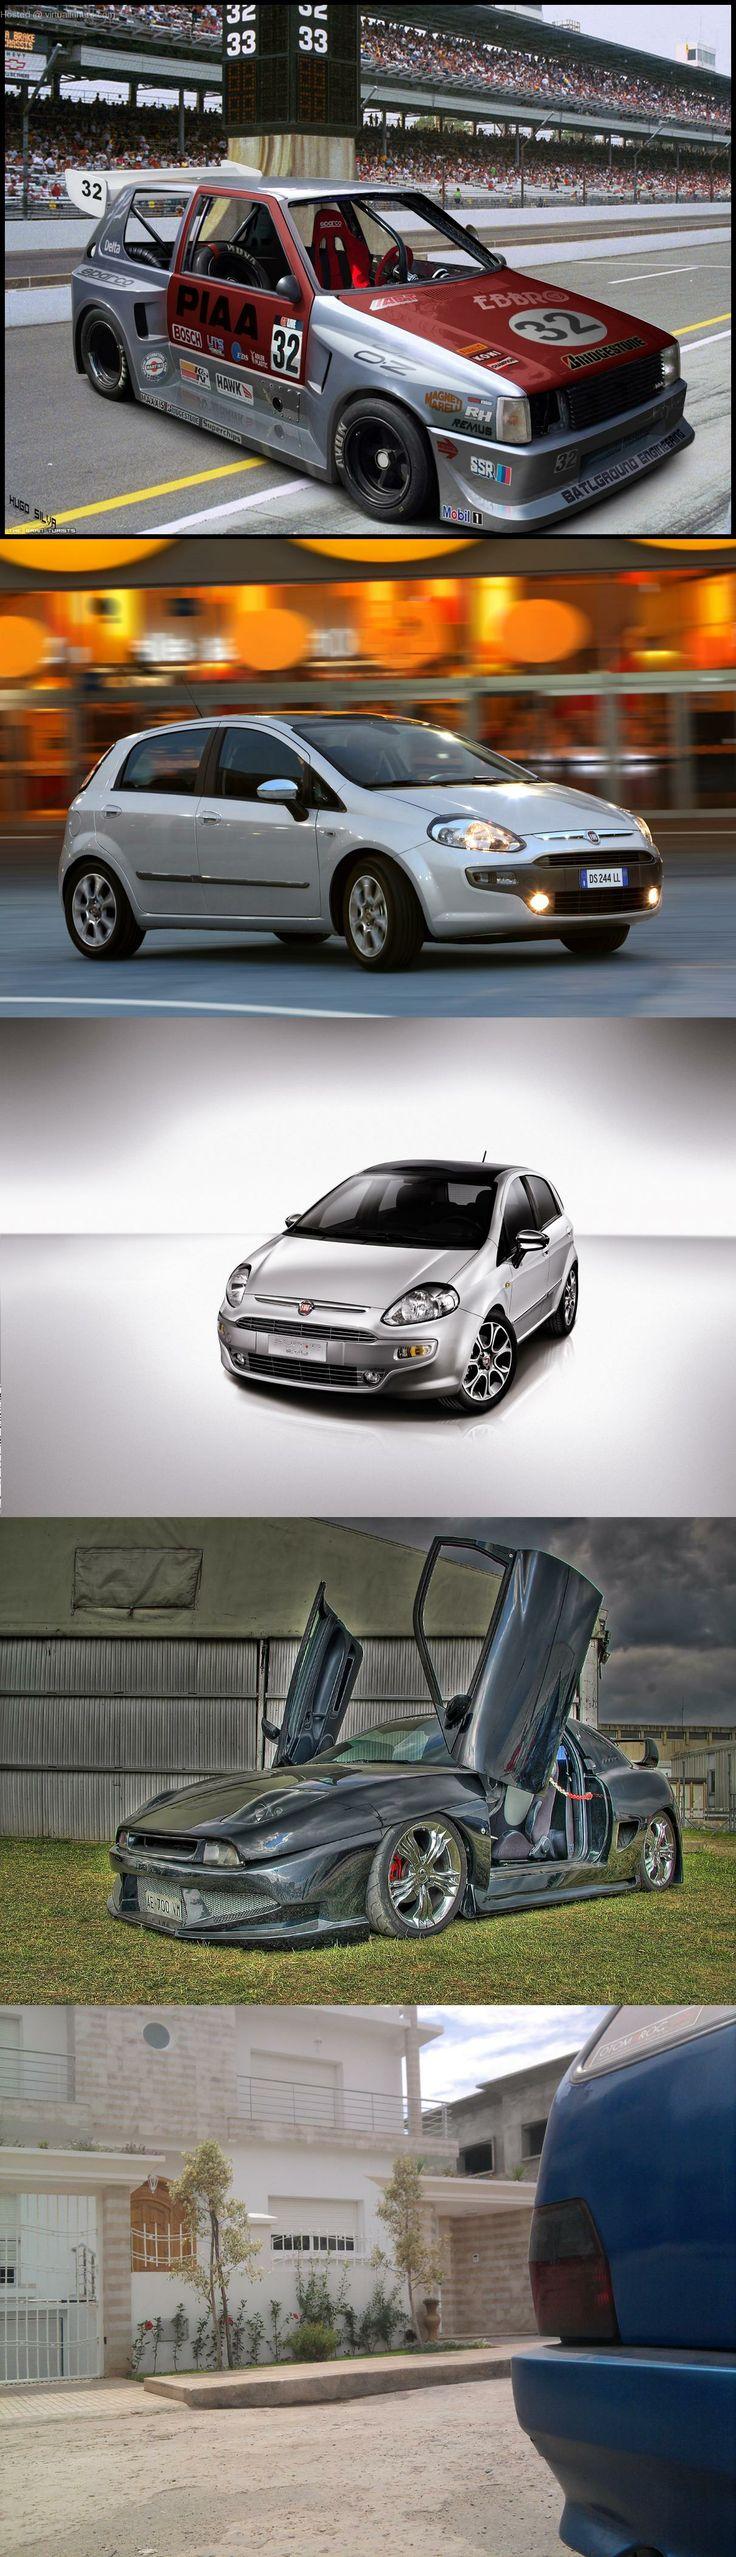 Fiat uno turbo fiathtml